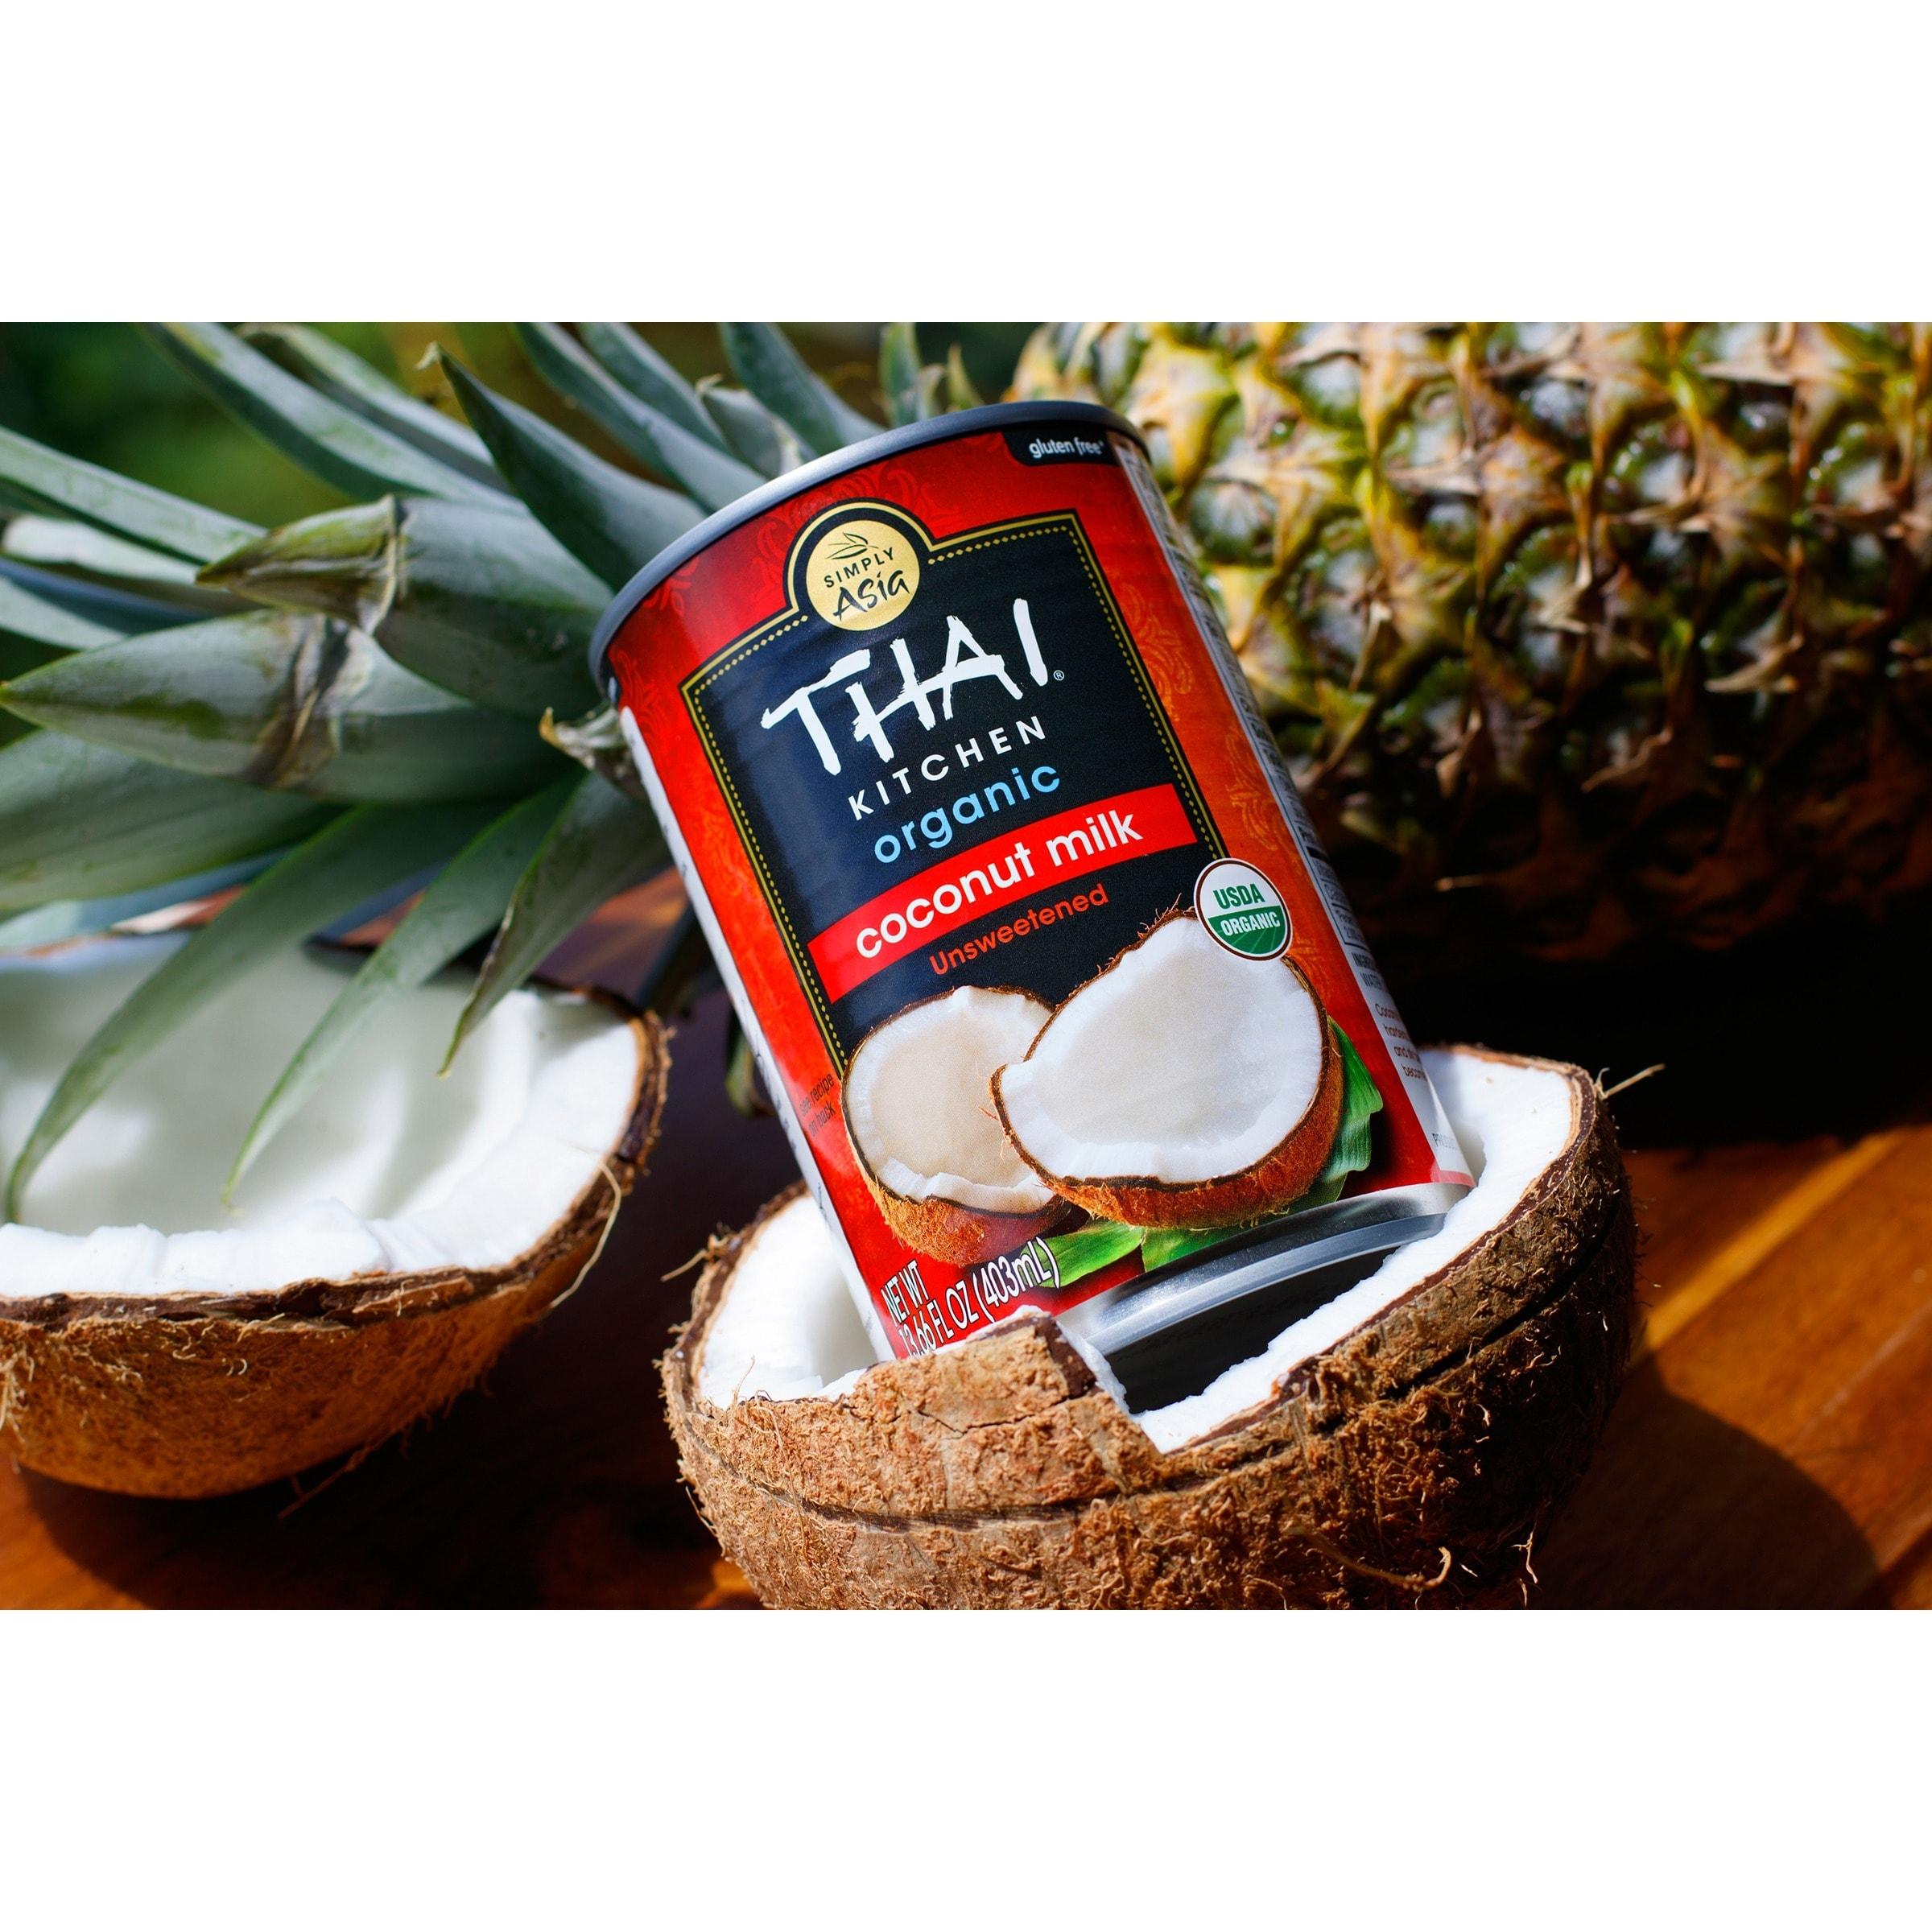 Swell Thai Kitchen Coconut Milk Case Of 12 13 66 Fl Oz Interior Design Ideas Oxytryabchikinfo